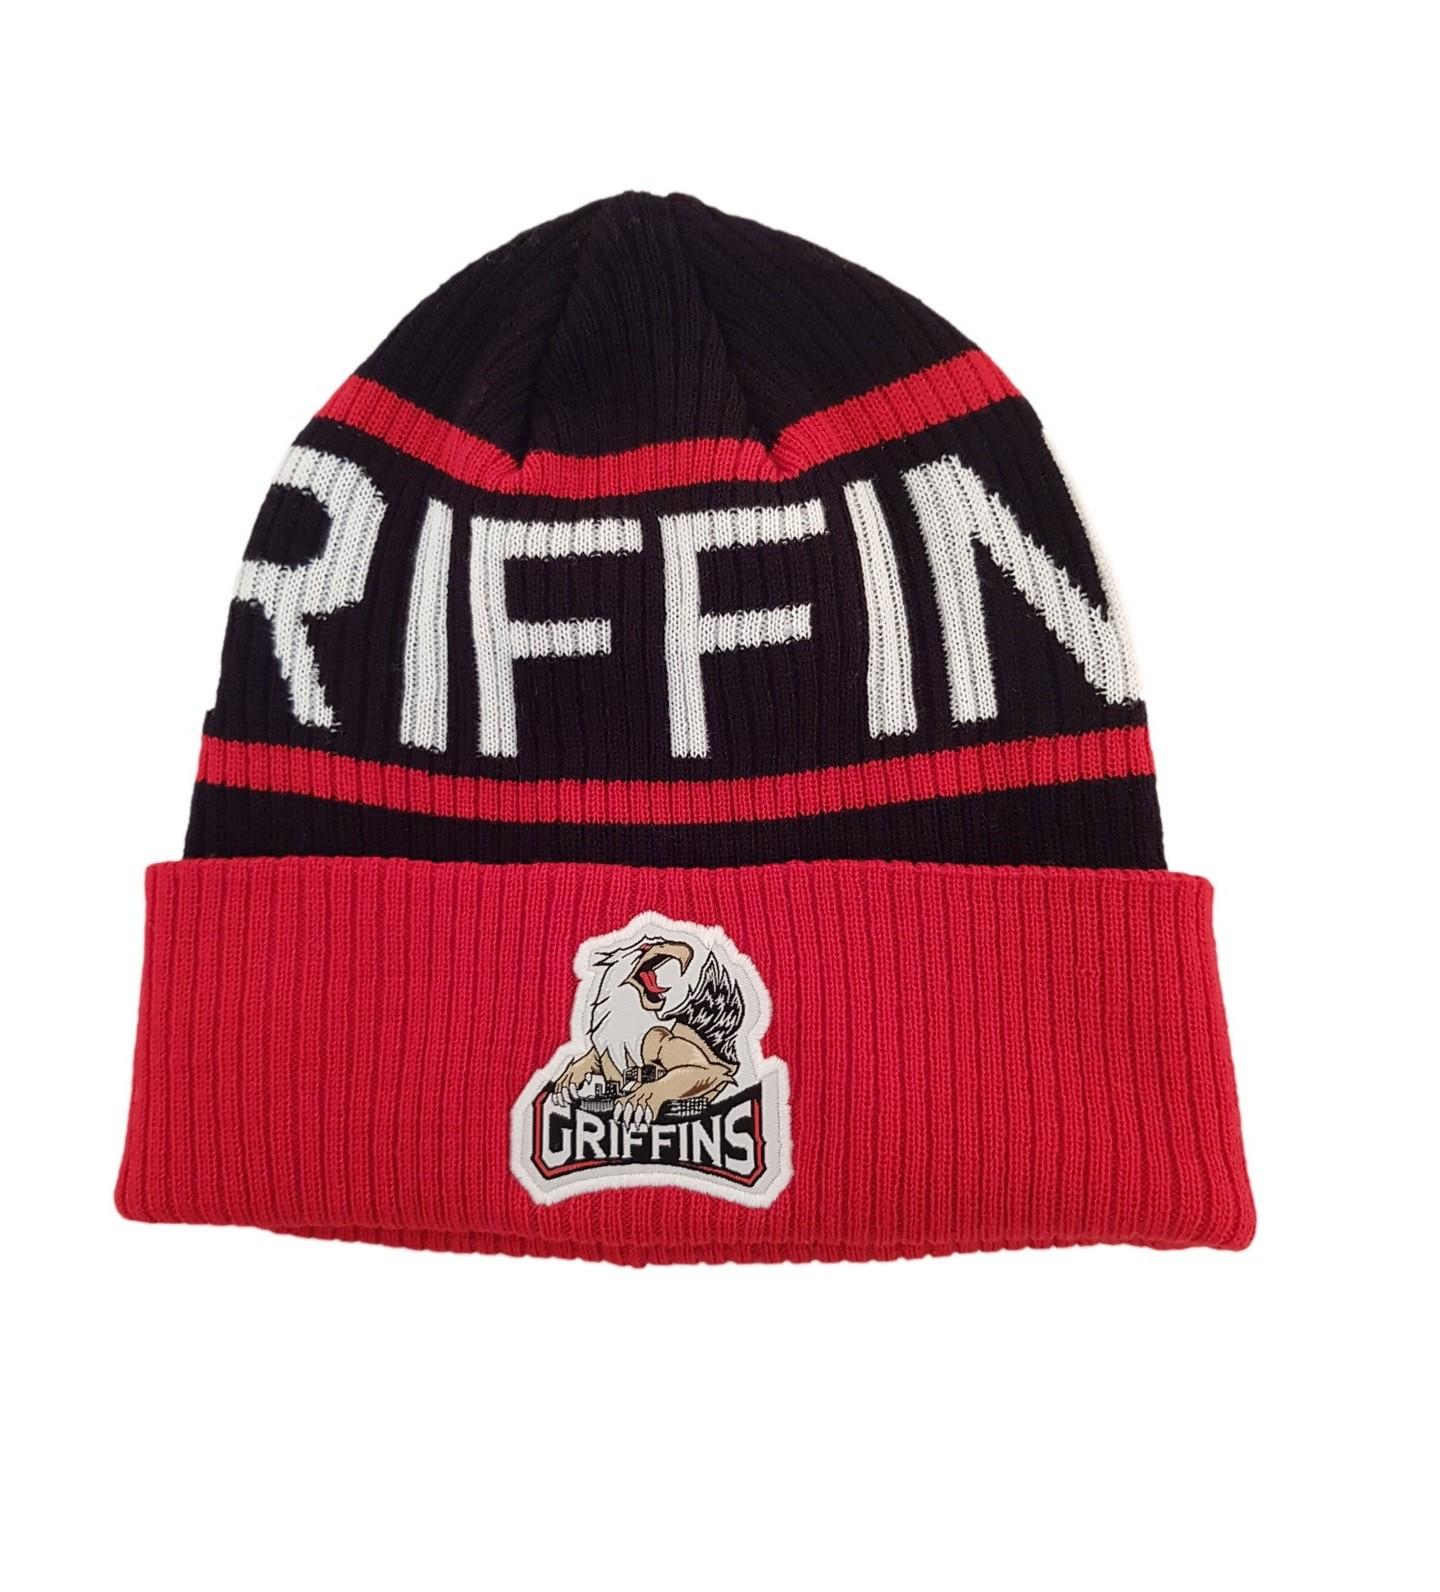 CCM Griffins Winter Hat C3955